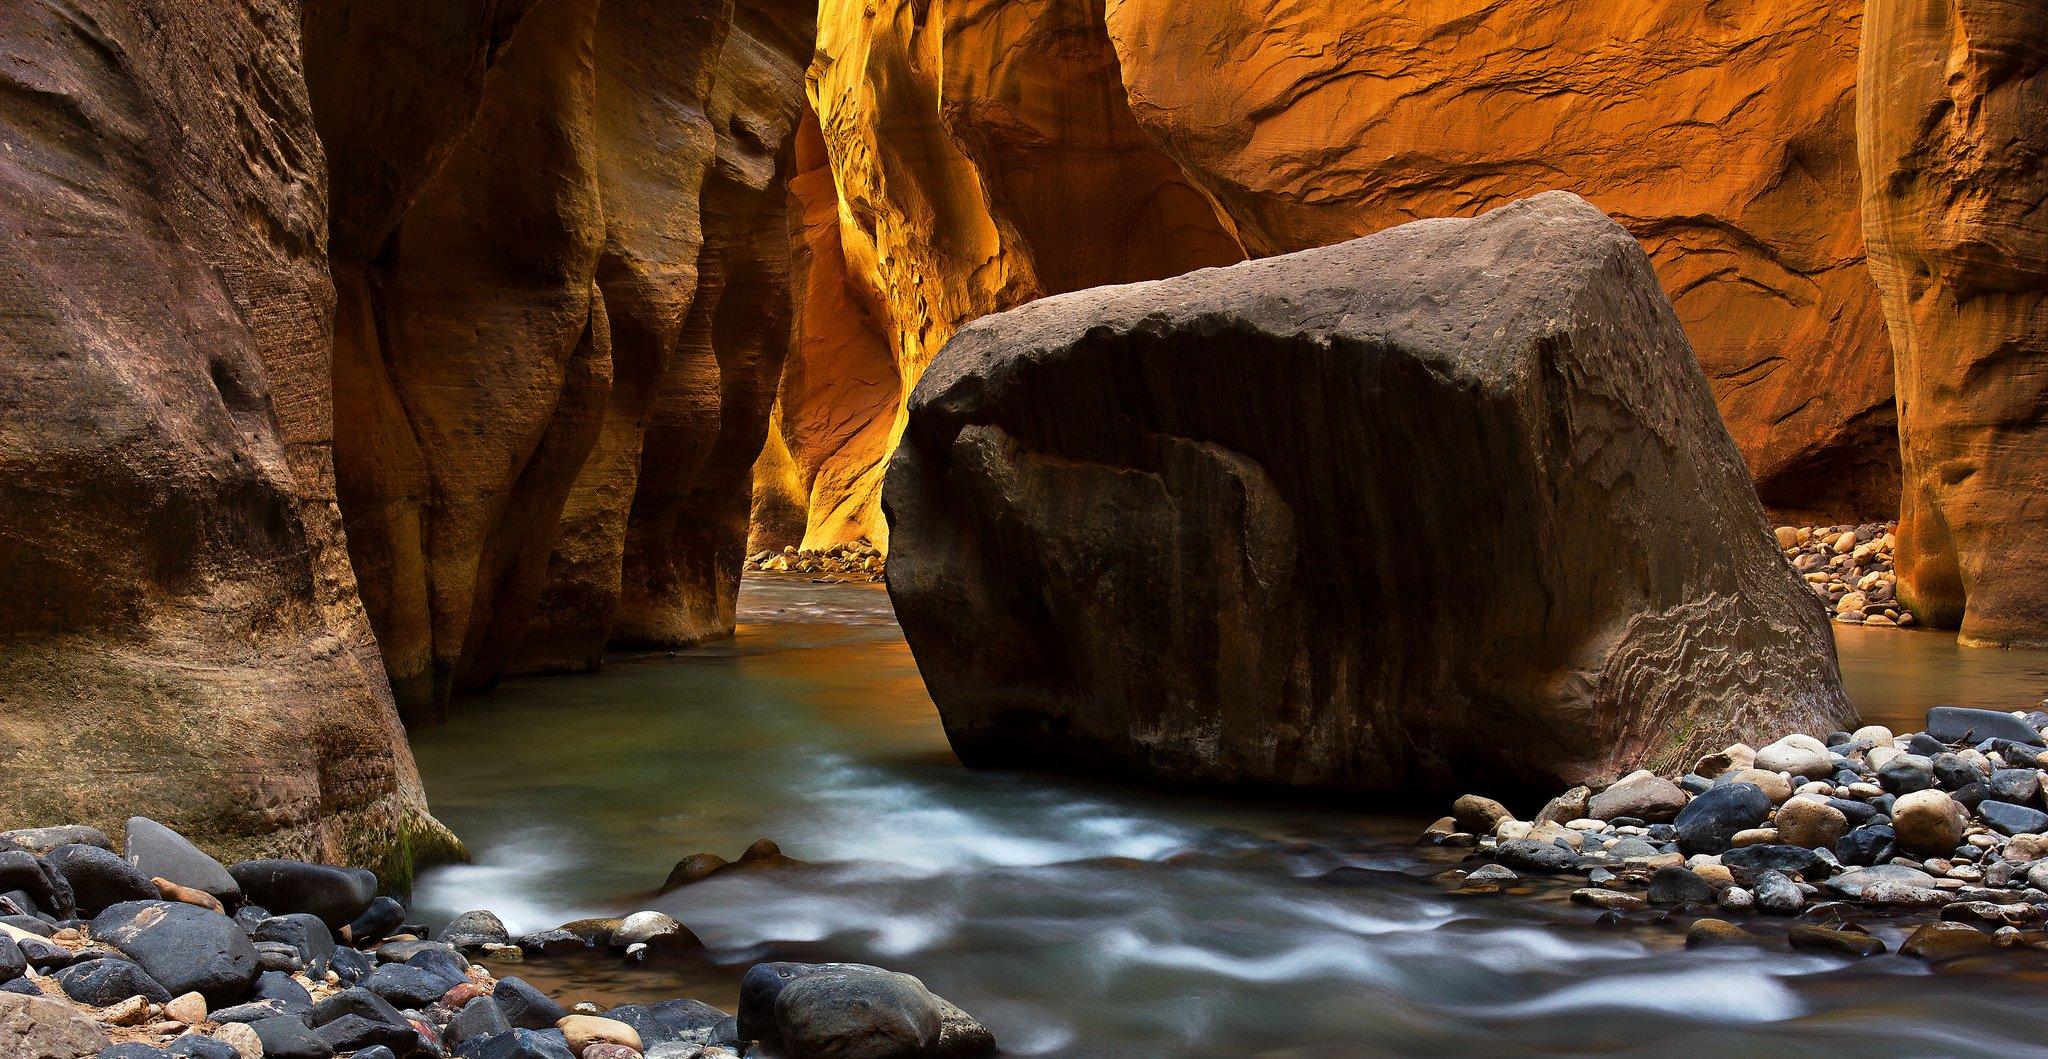 zion national park river stream rocks wallpaper 2048x1059 429445 wallpaperup